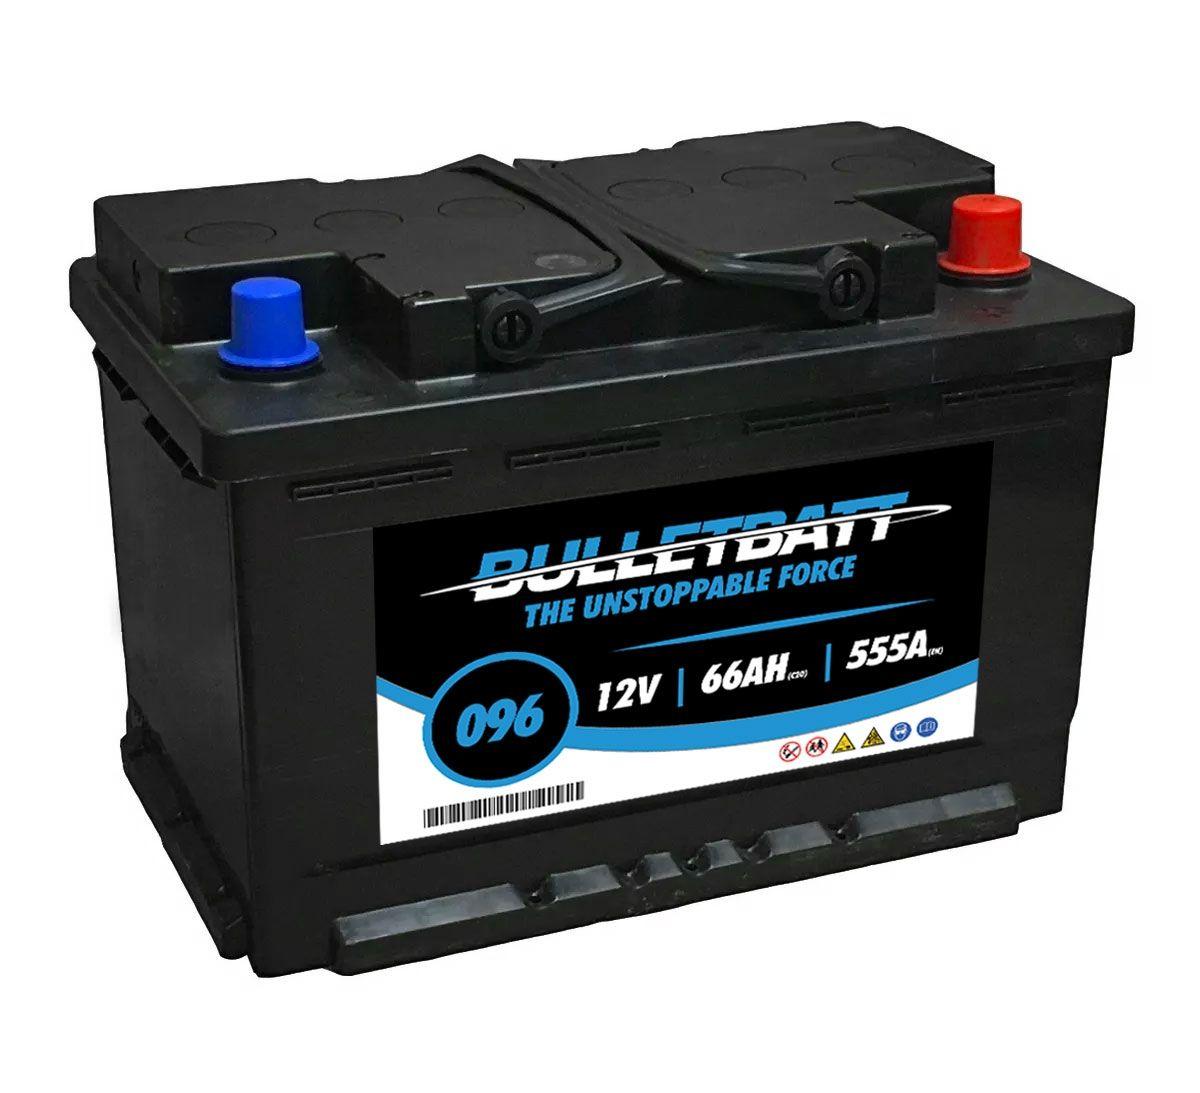 096 Powerline Batterie De Voiture 12V Batteries de Voiture